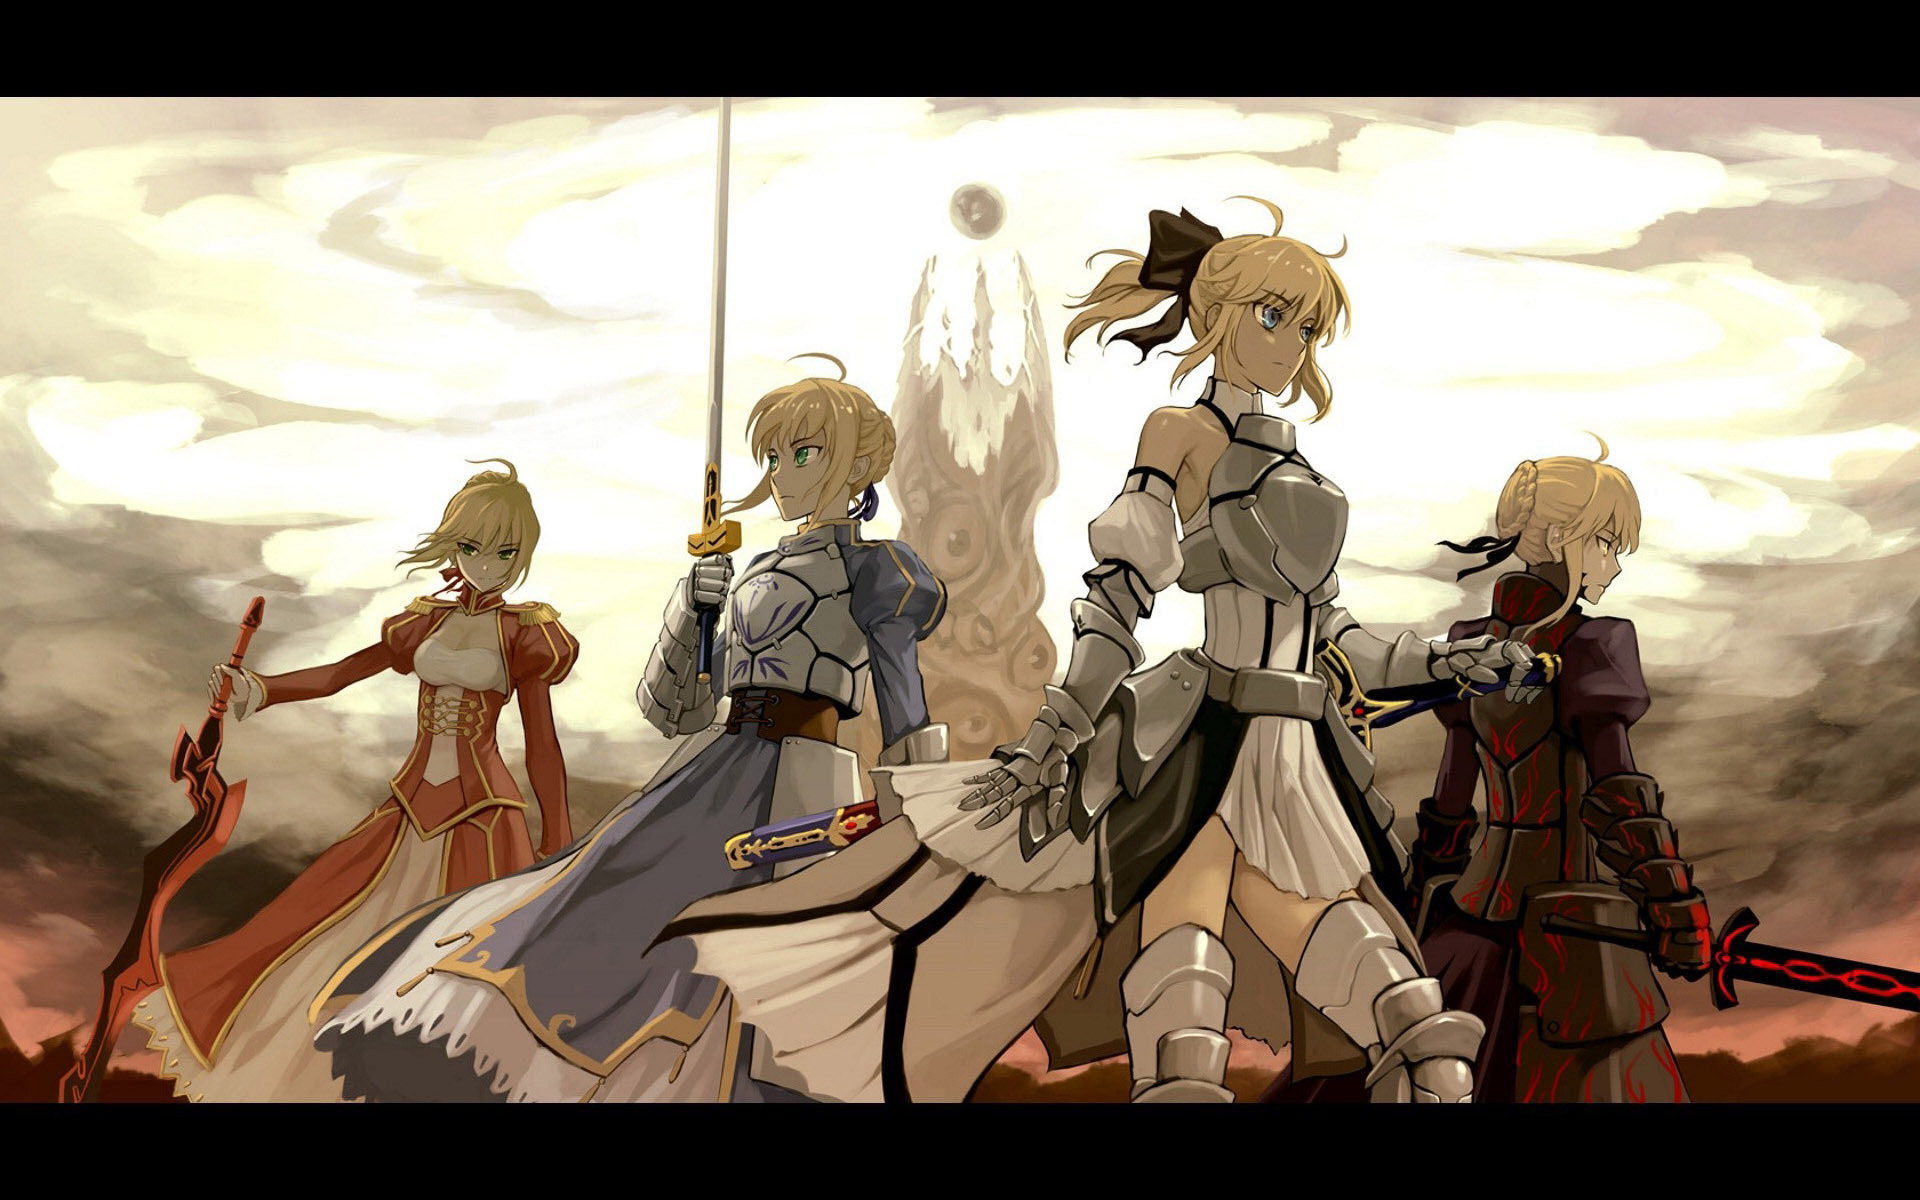 Fate Zero Wallpaper 5175 1920x1200